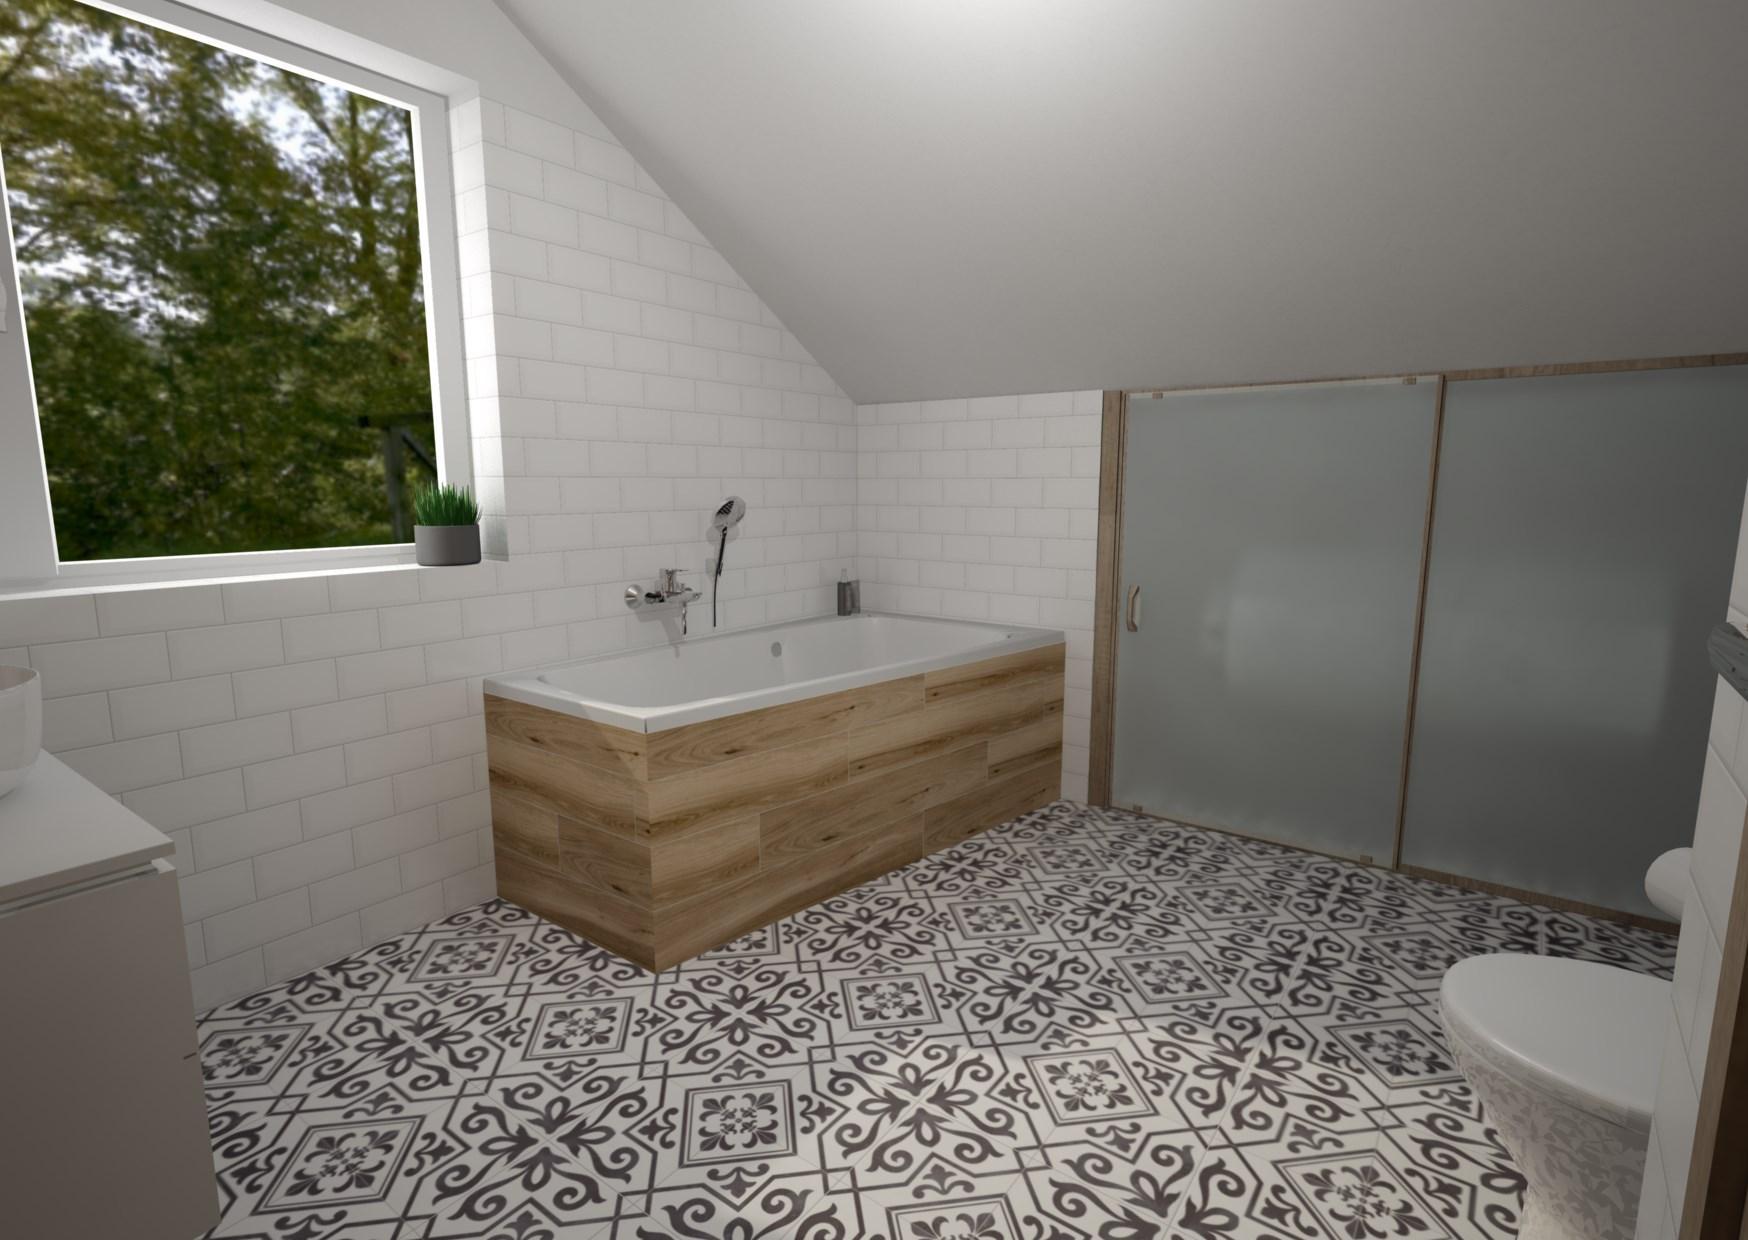 Ahoj všem, chtěla bych poprosit o názor na návrh koupelny:-) V plánu je bílo-dřevo-černá kombinace. Kulaté umyvadlo na desku, černé baterie a kulaté zrcadlo v černém rámu. Co se vám na návrhu líbí/nelíbí? Co byste upravili, změnili...? Předem díky za jakékoliv názory:-) - Obrázek č. 2